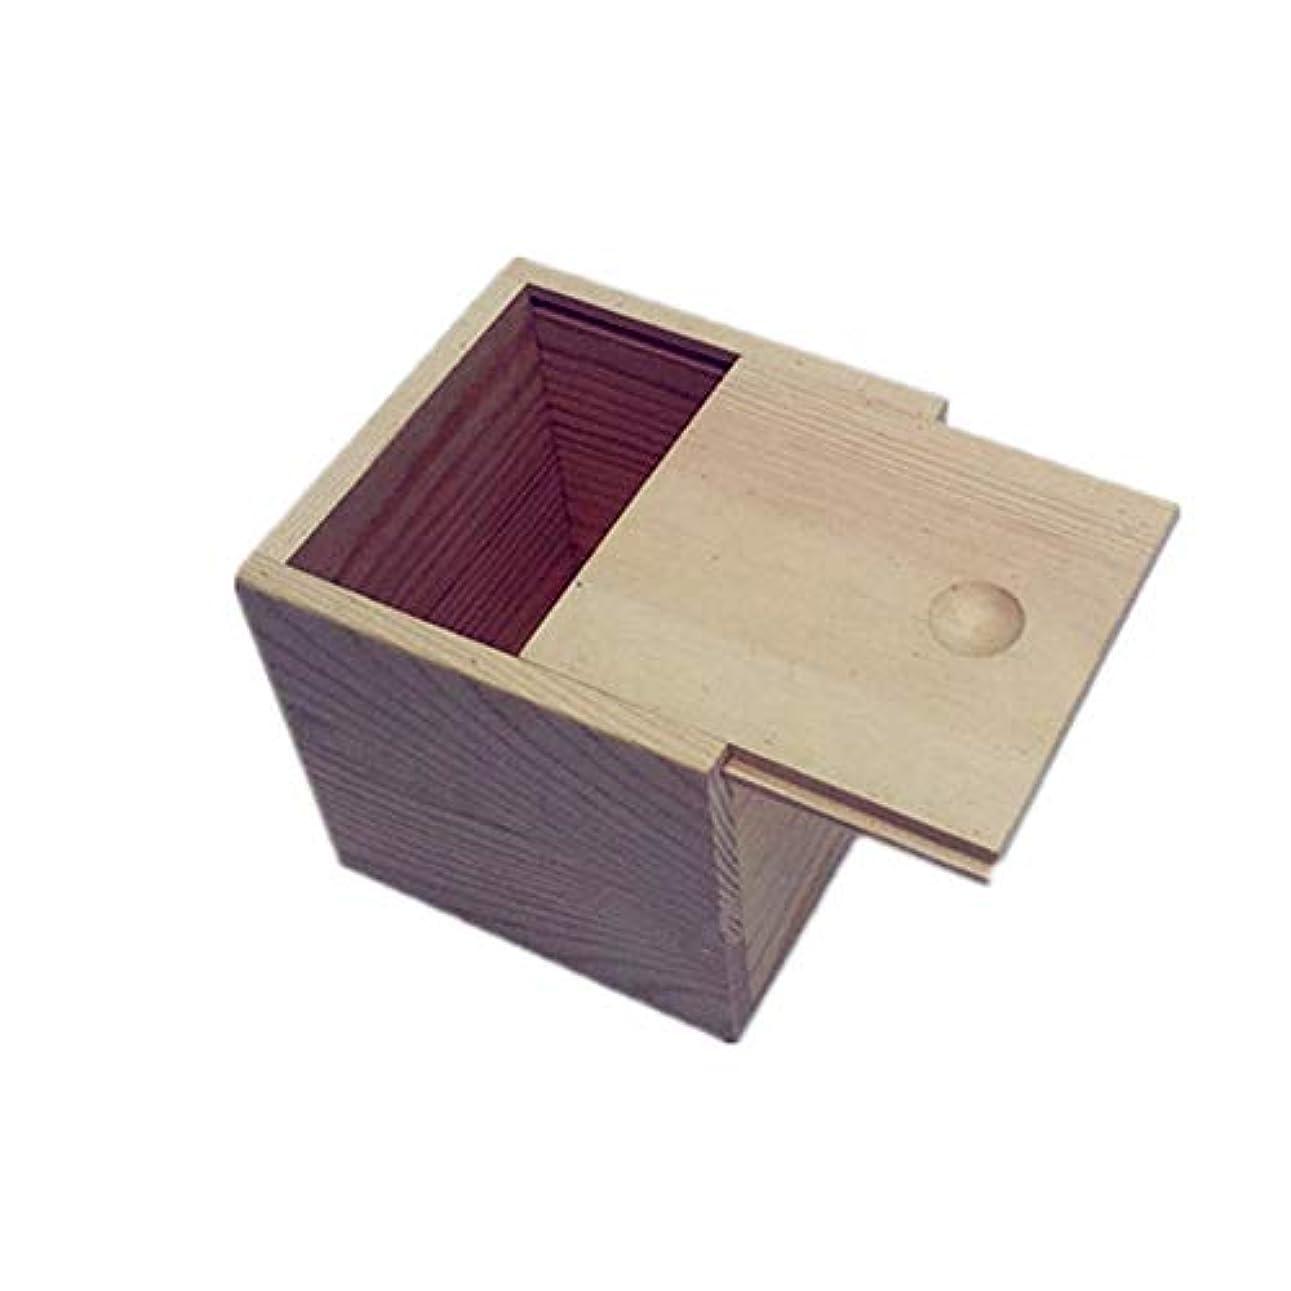 北米かんたん近代化するエッセンシャルオイルストレージボックス 木製のエッセンシャルオイルストレージボックス安全なスペースセーバーあなたの油を維持するためのベスト 旅行およびプレゼンテーション用 (色 : Natural, サイズ : 9X9X5CM)